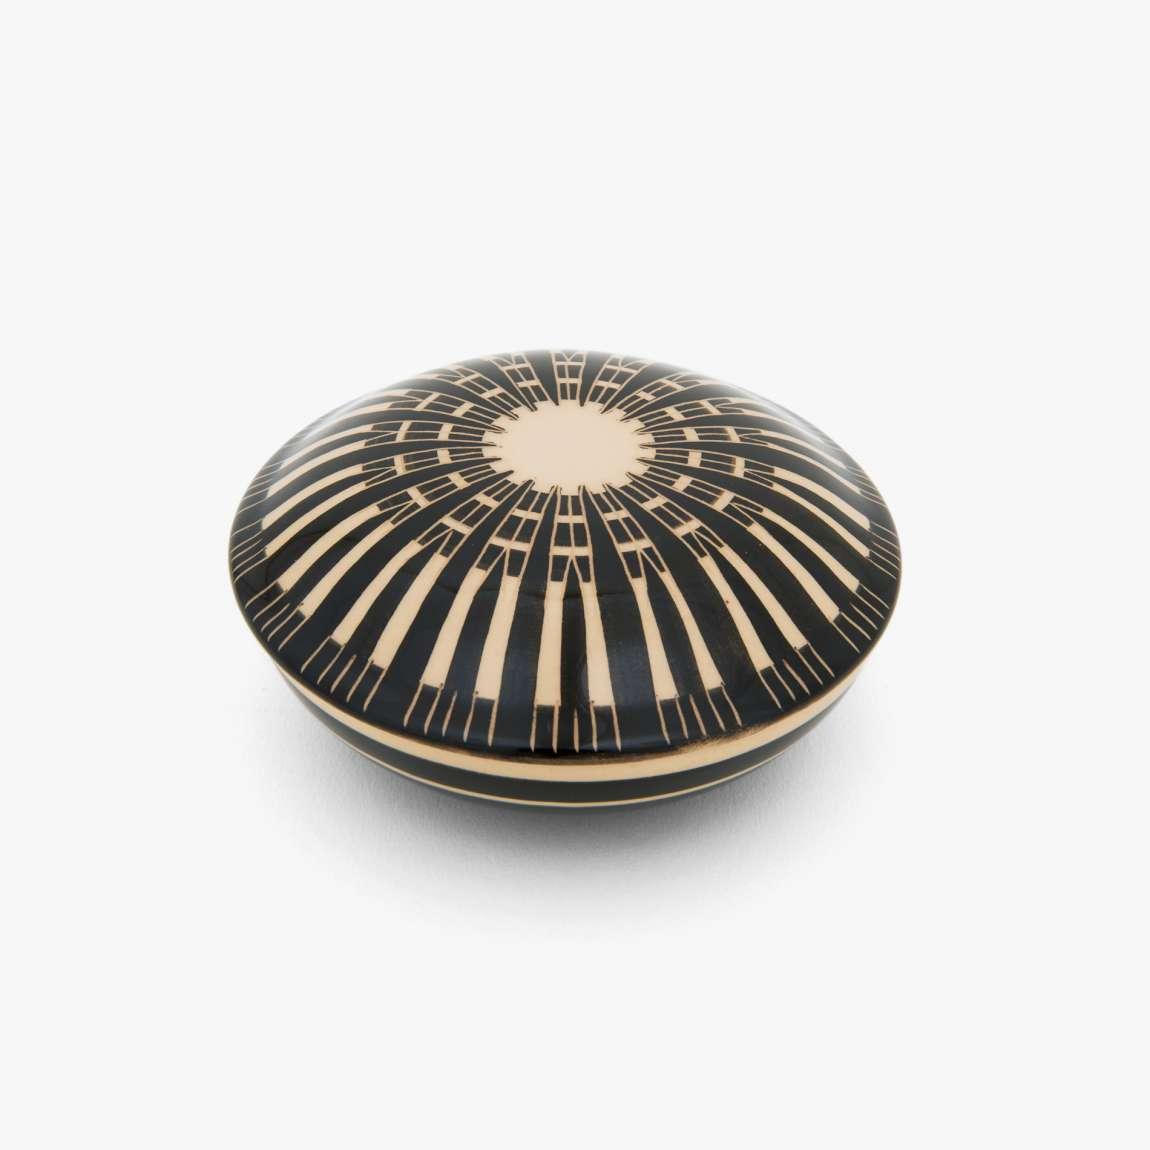 hedwig bollhagen dose 503a trooves. Black Bedroom Furniture Sets. Home Design Ideas